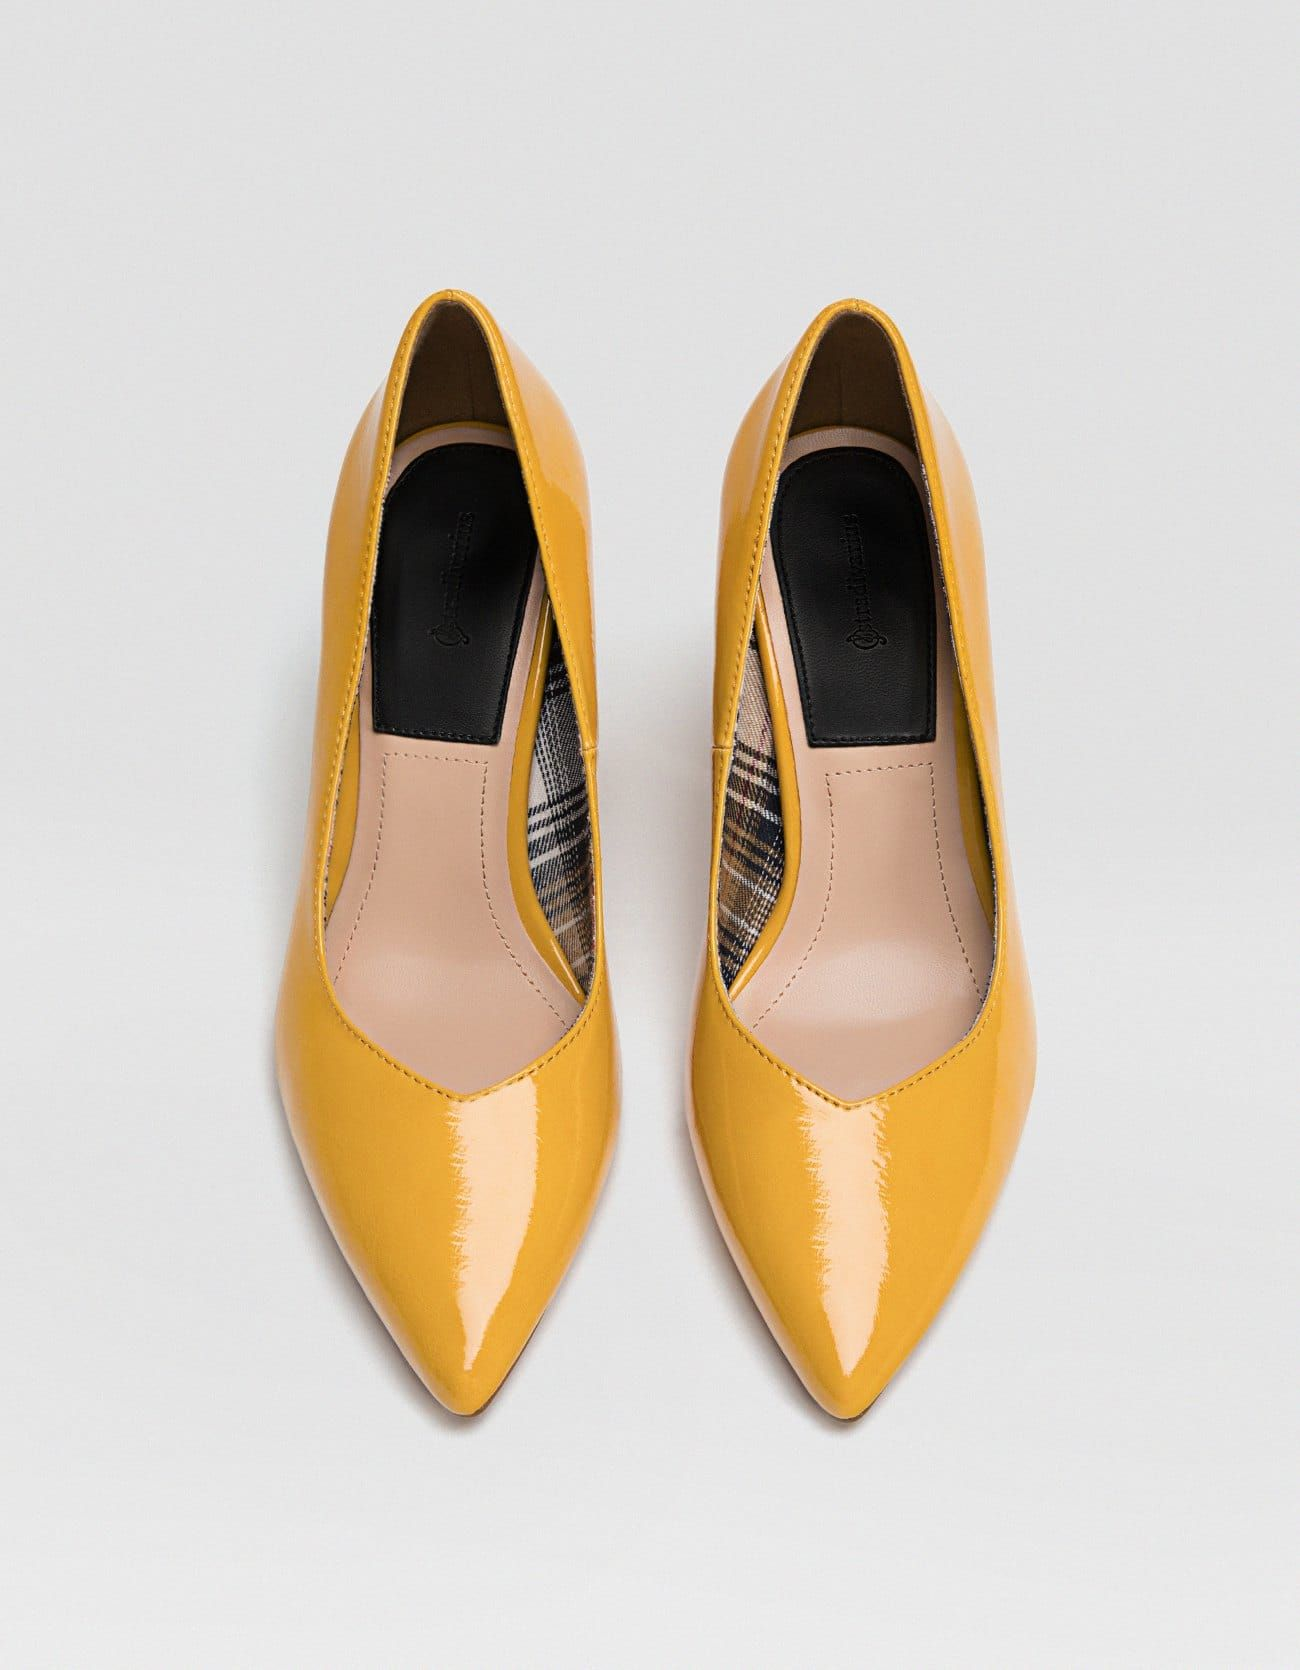 diseño innovador 9fd31 95562 Salón tacón ancho amarillo - Zapatos de tacón | Stradivarius ...